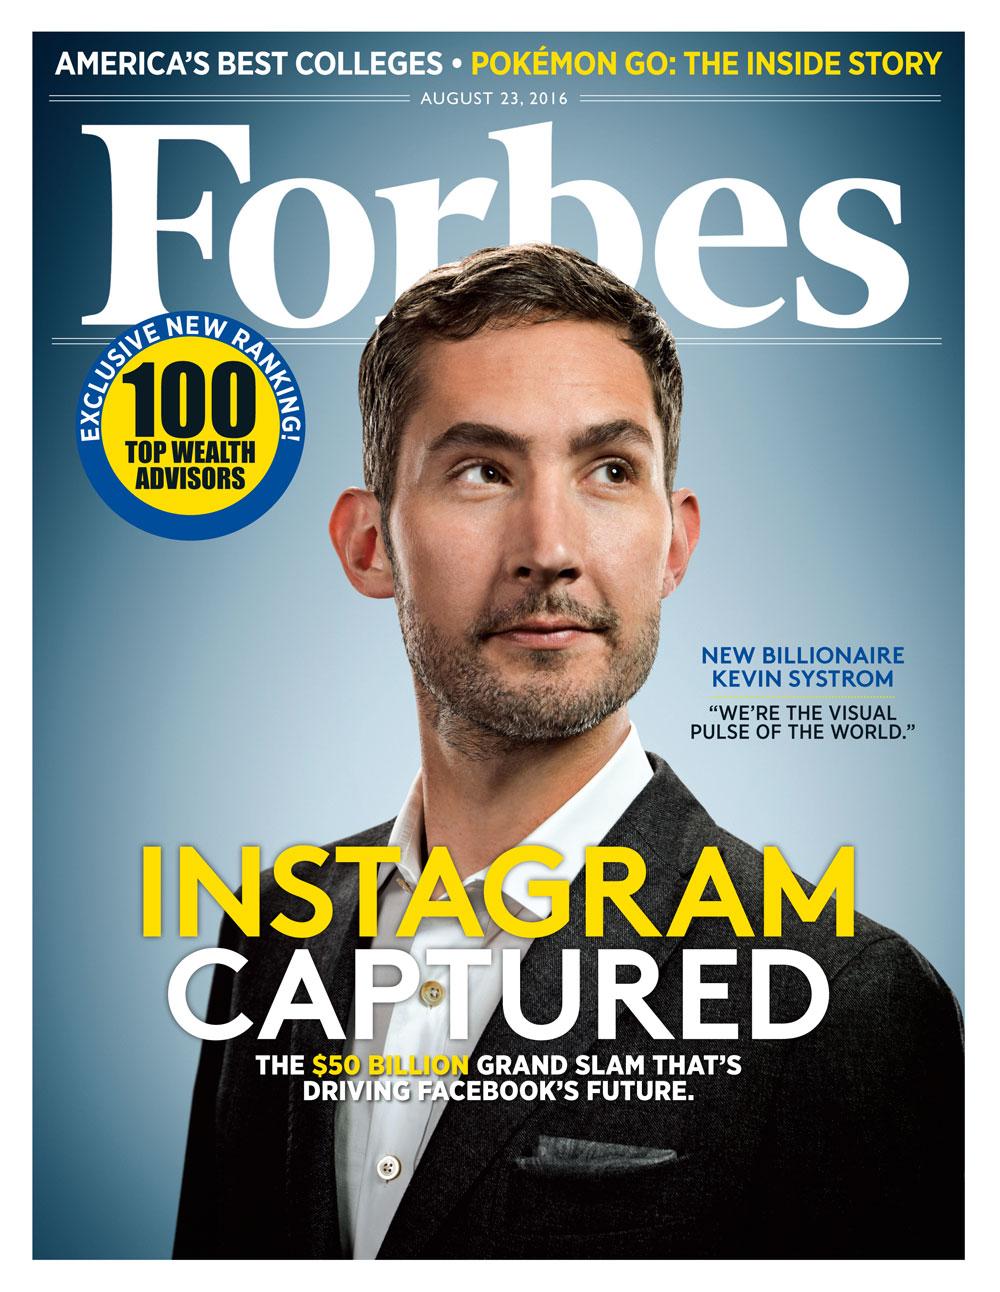 forbes photo instagram के लिए चित्र परिणाम